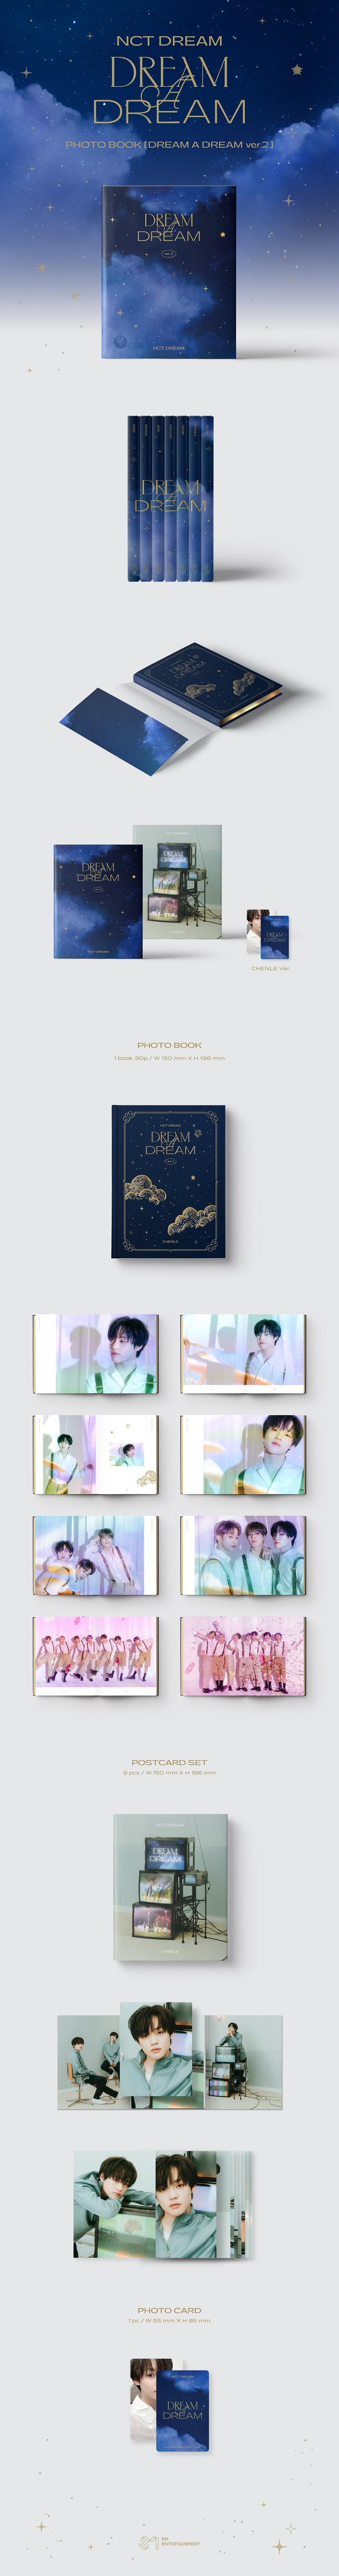 NCT DREAM - DREAM A DREAM Photobook Ver.2 [천러 Ver.]